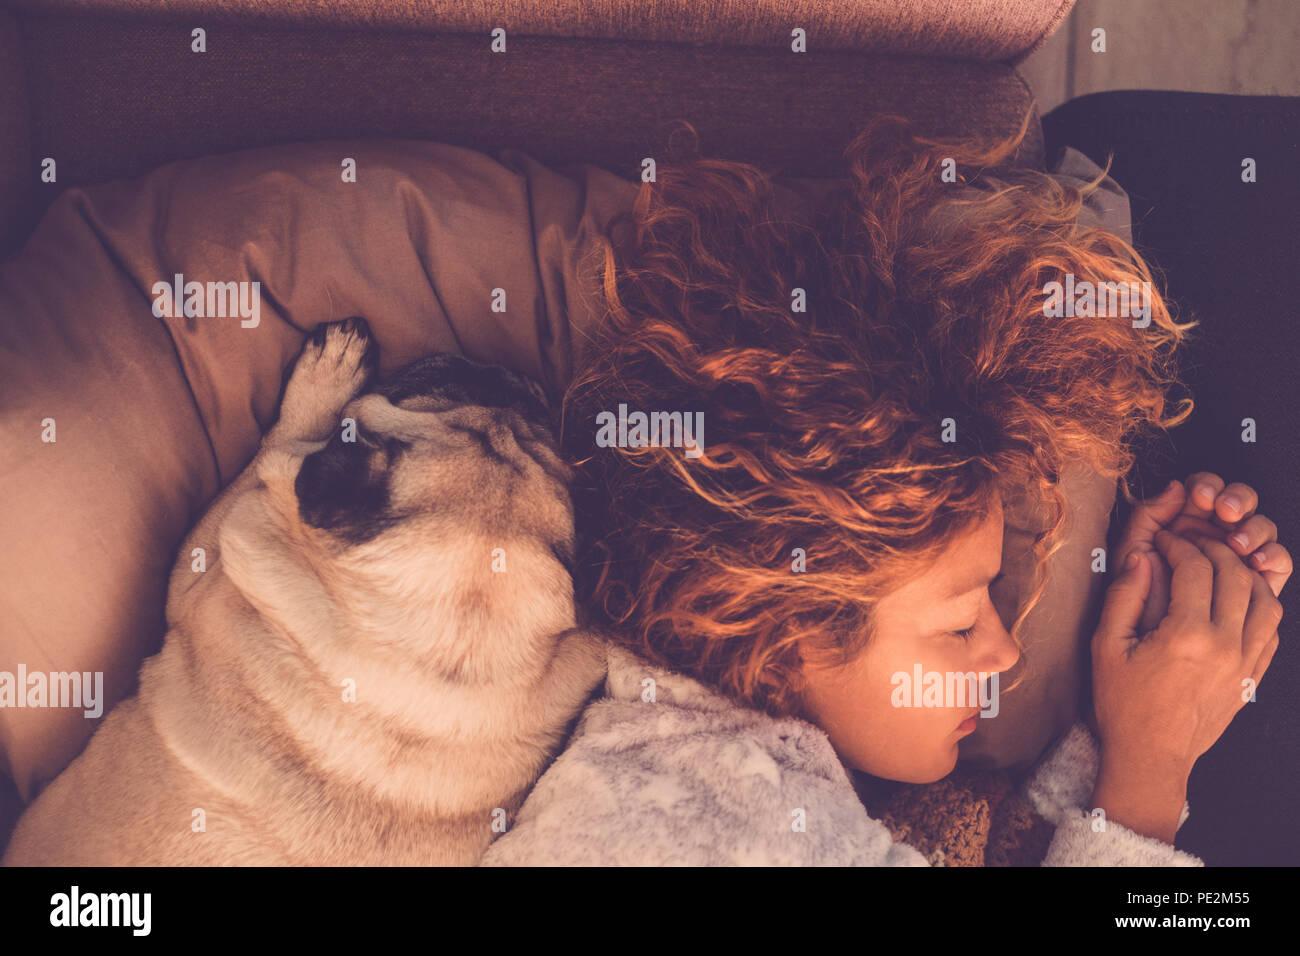 Les concepts d'amitié pour 40s femme dormir avec ses meilleurs amis le pug chien à la maison. Les deux sur l'oreiller et brown des tons chauds. Rêver ensemble. L'amour et Photo Stock